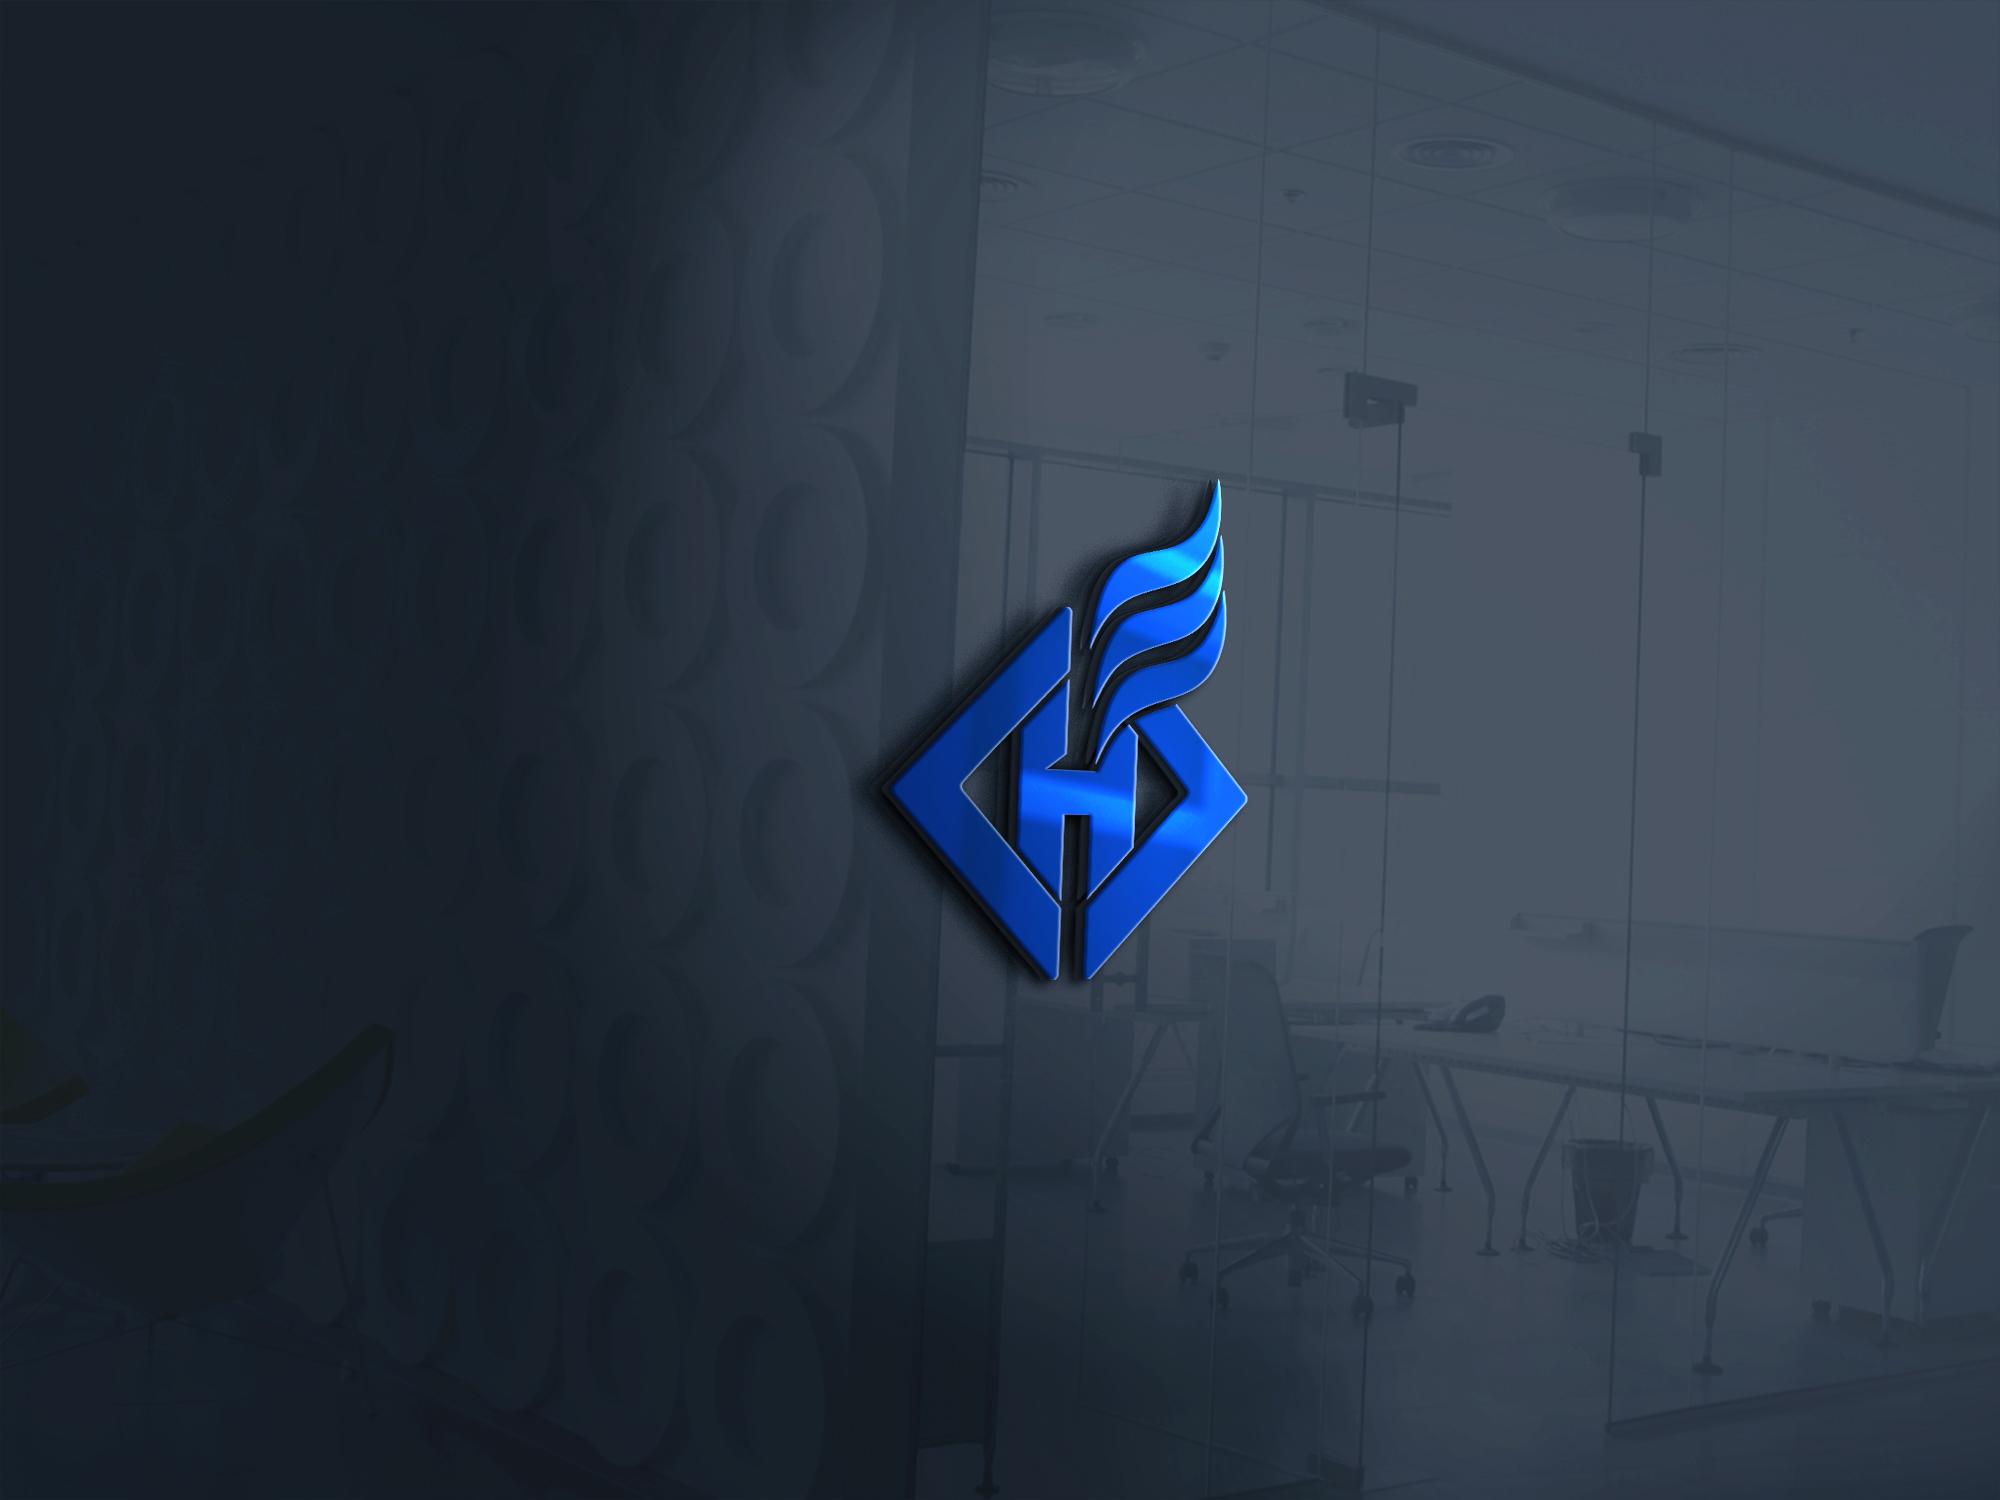 Разработка логотипа и фирменного стиля фото f_3135da55da9a0949.jpg